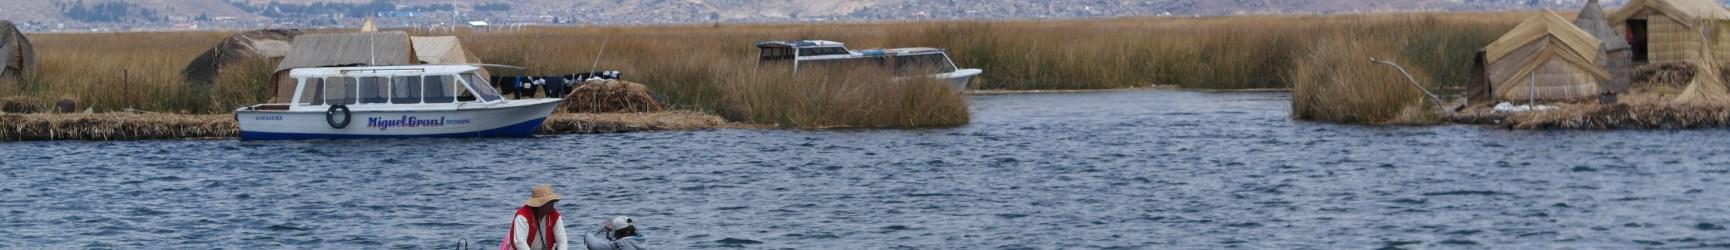 Proponen declarar las aguas del lago Titicaca y sus afluentes como sujetos de derechos